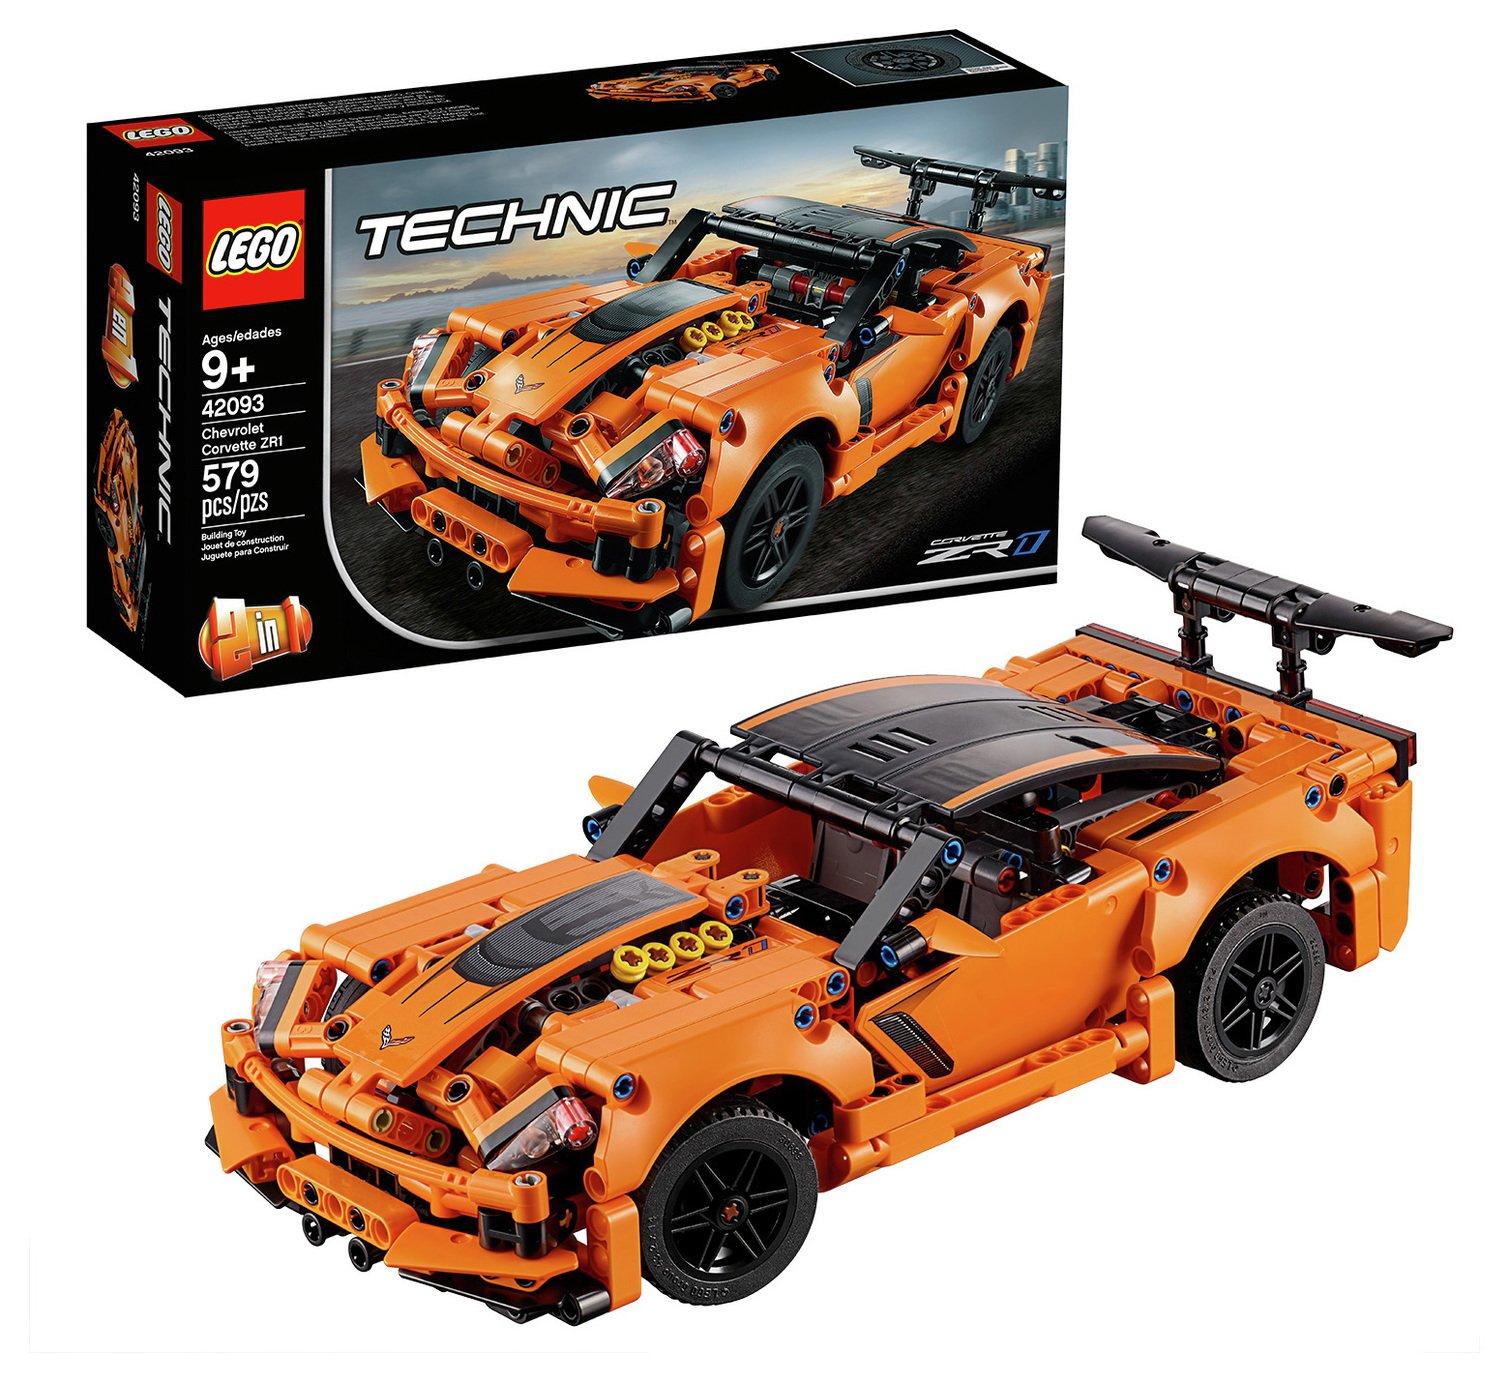 LEGO  42093 Technic Chevrolet Corvette ZR1 Car Replica - 42093 - £23 @ Argos (Amazon PM)